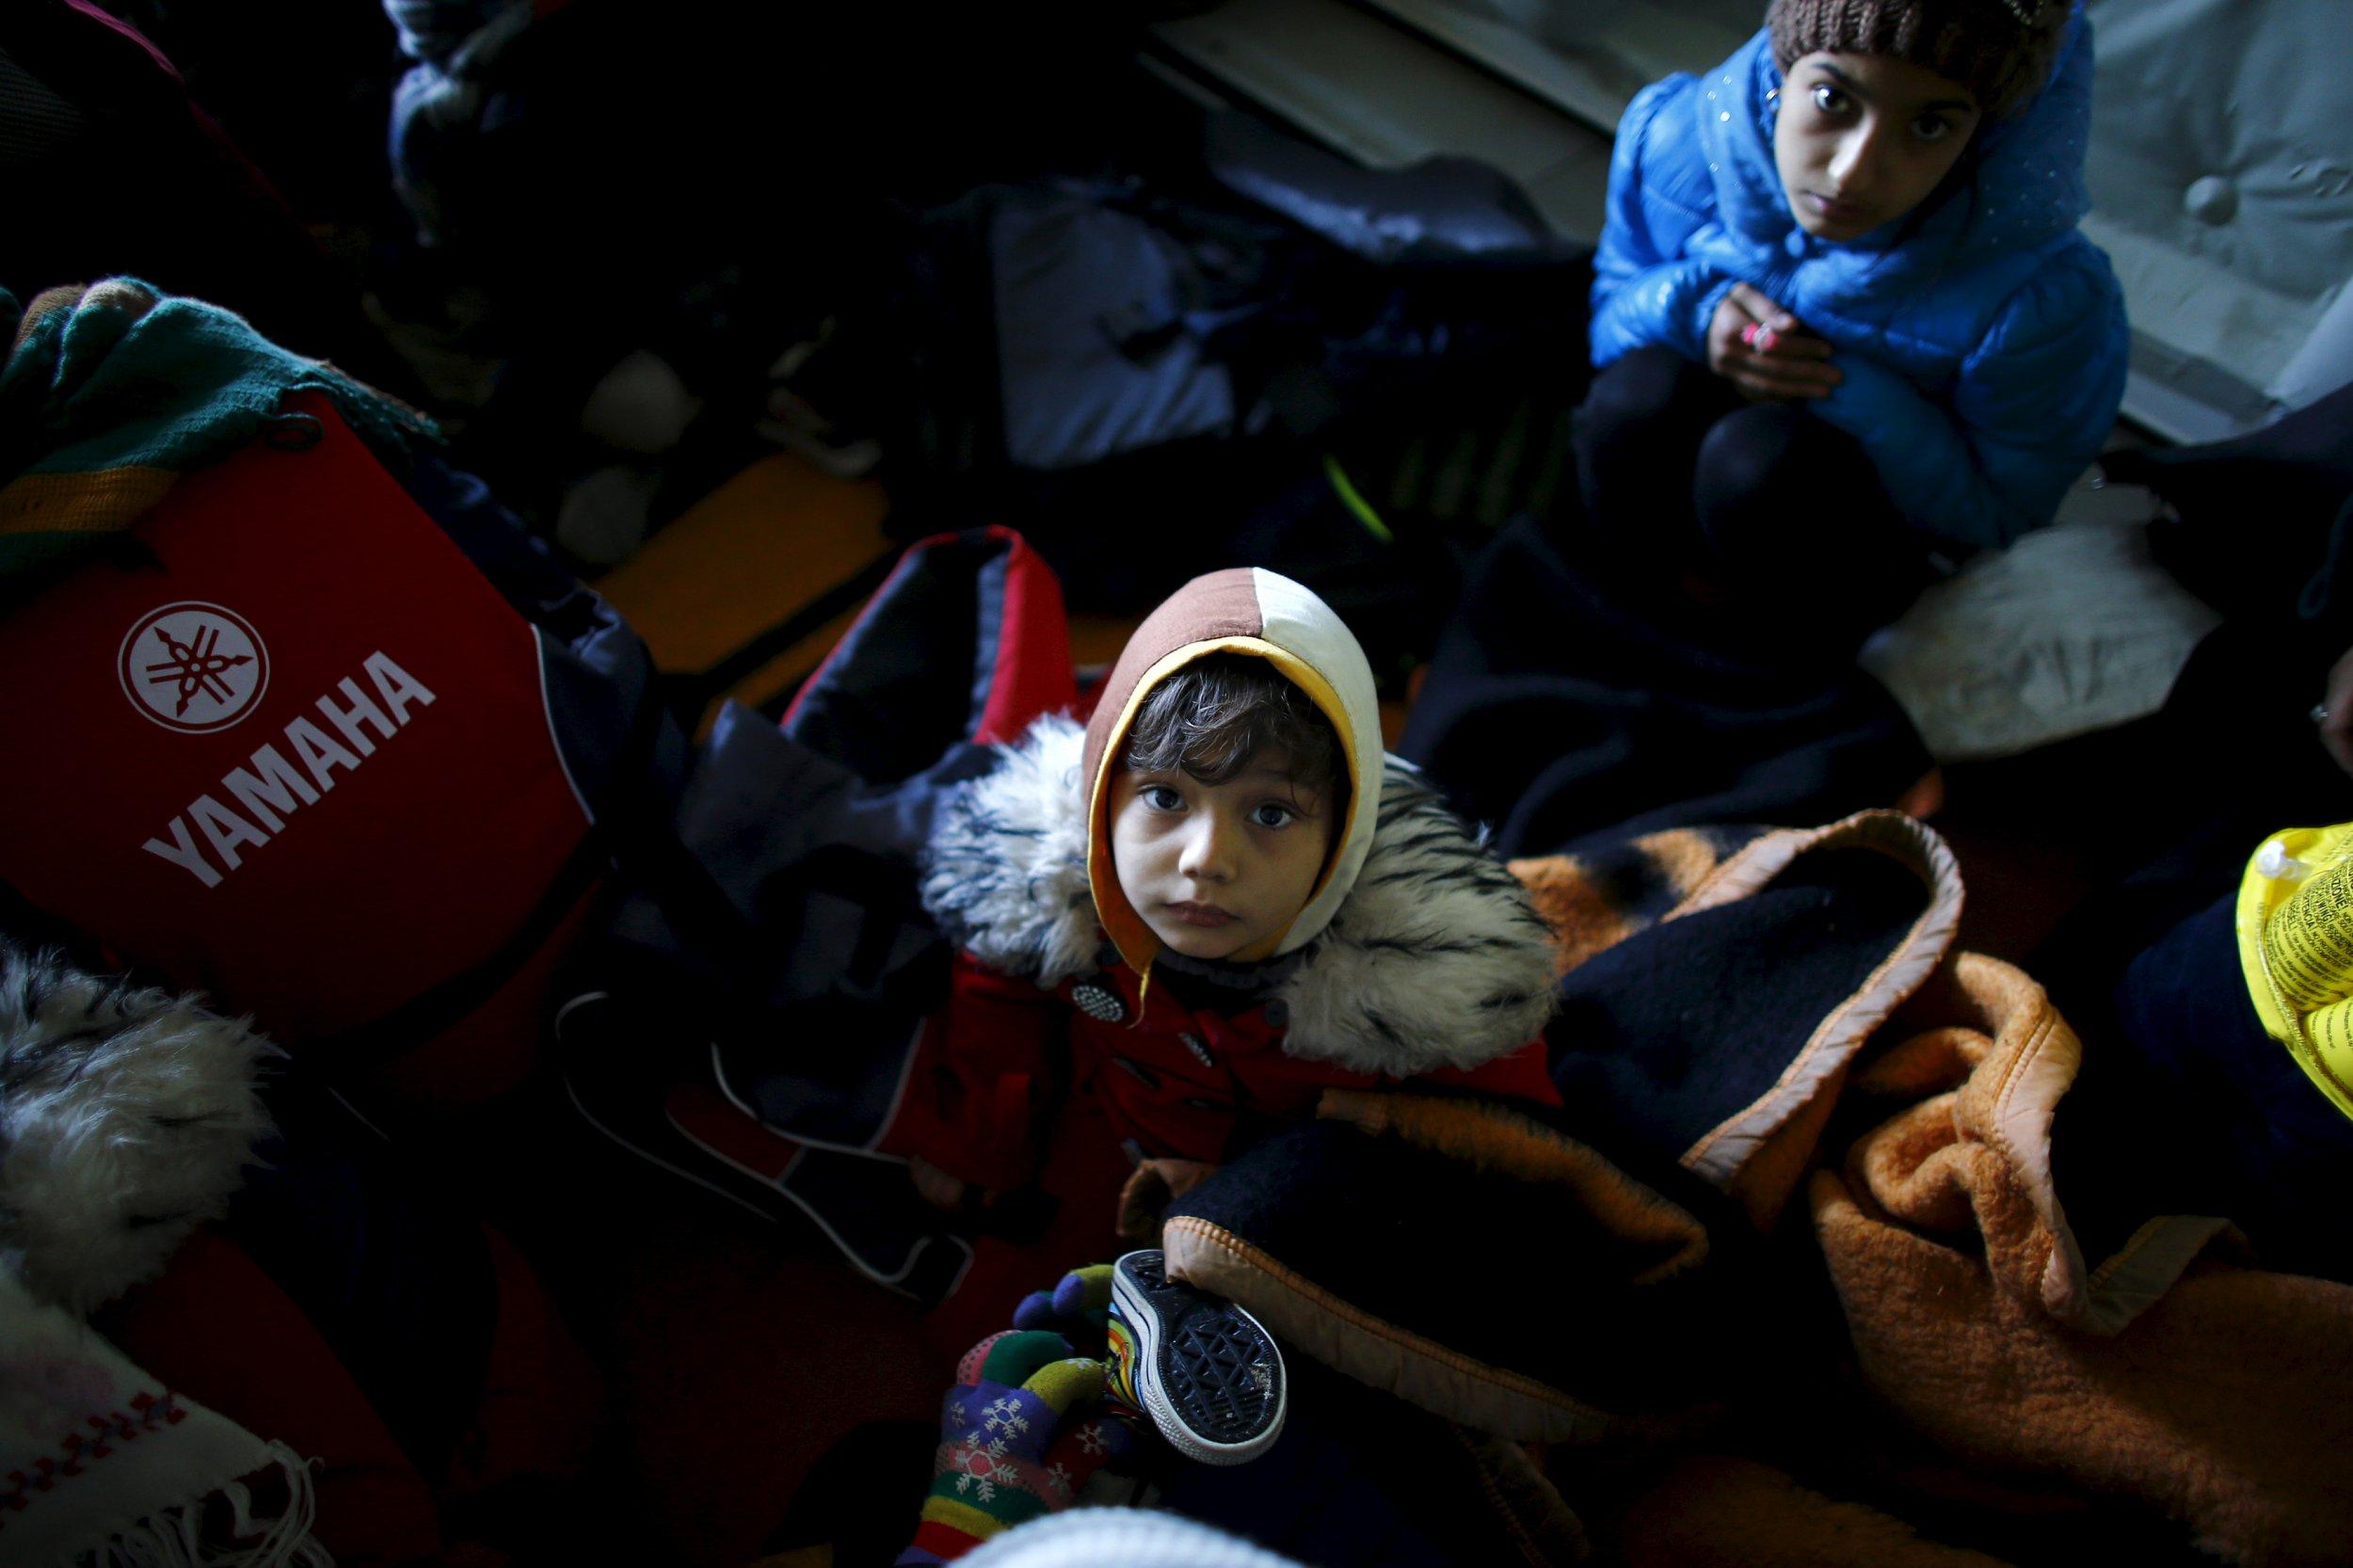 12_15_Turkey_Refugees_01